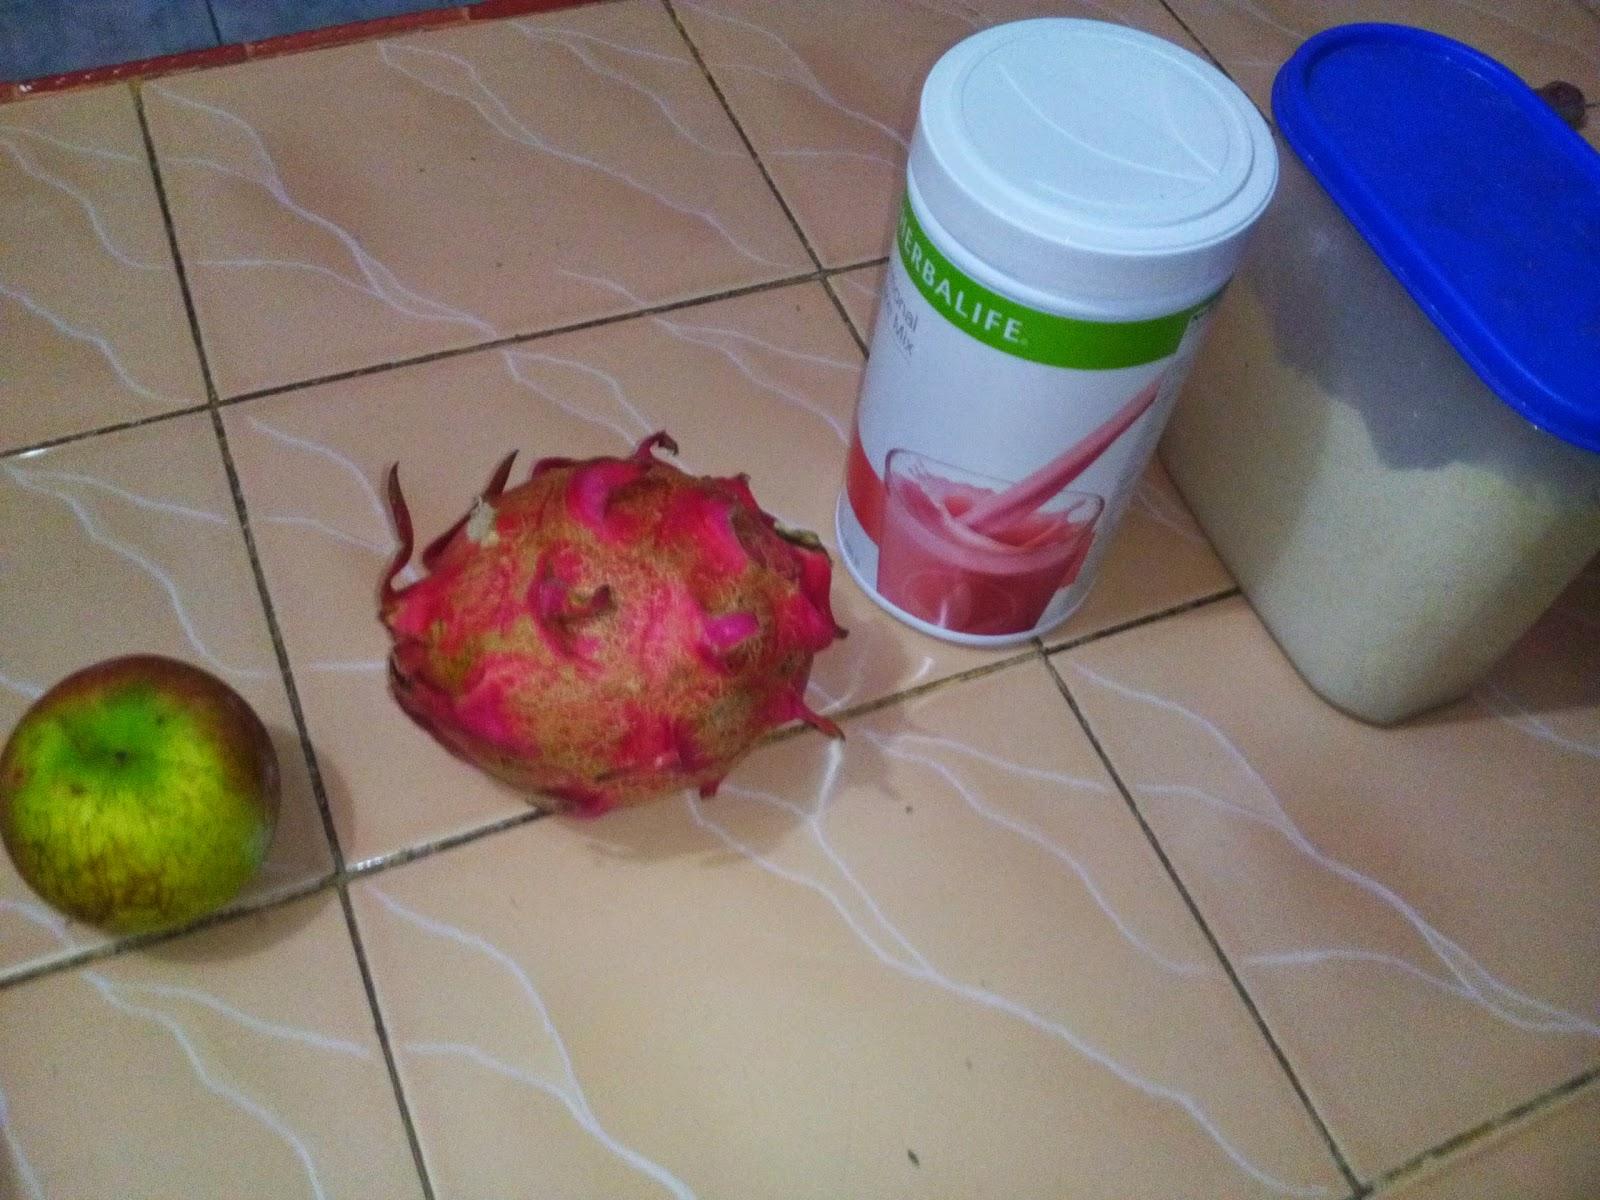 Resep Membuat Susu Kedelai Yang Enak Untuk Diet Sehat